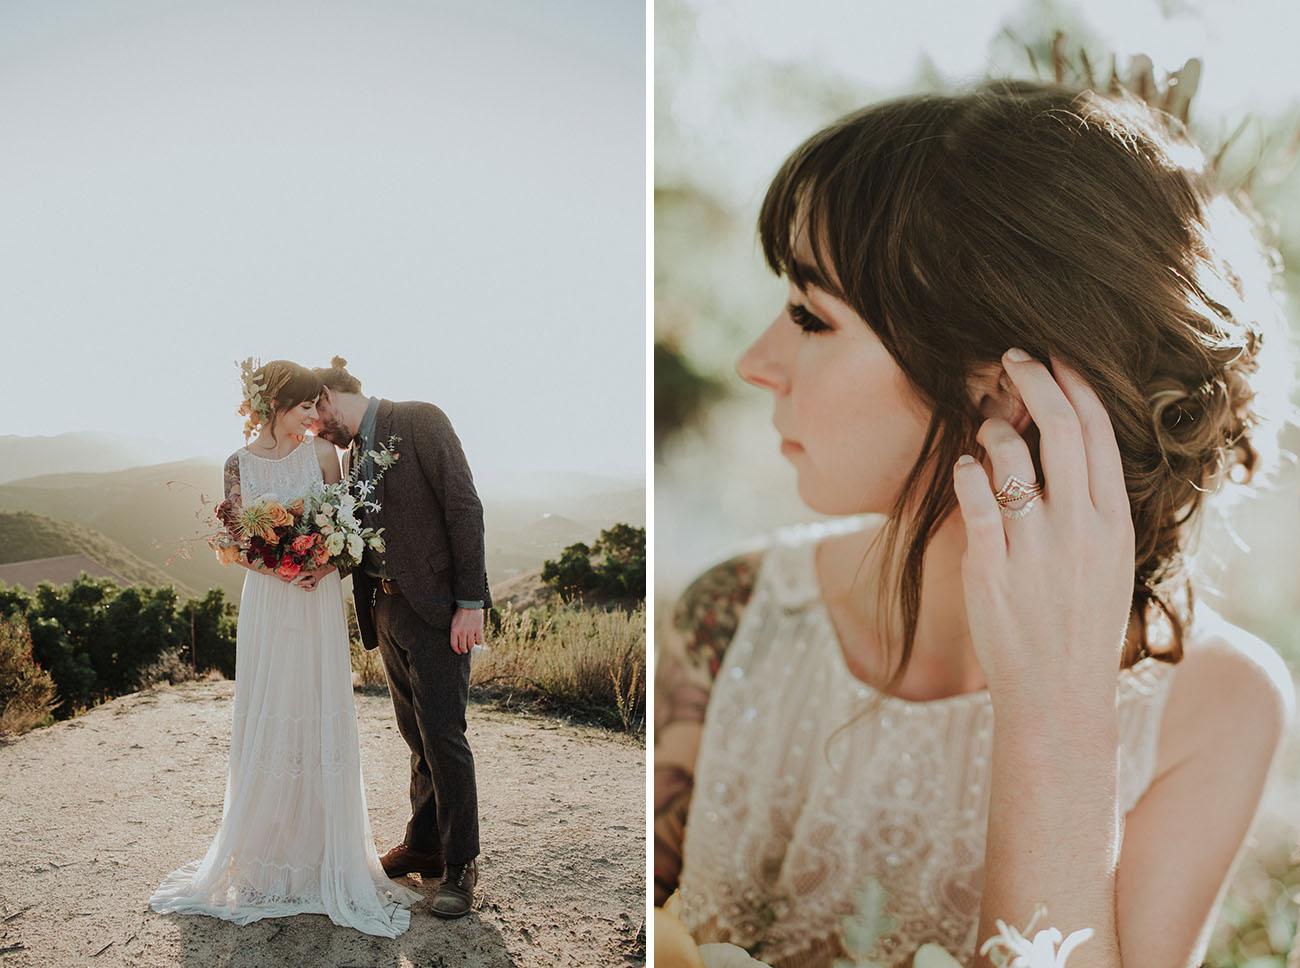 penteado para casamento no campo